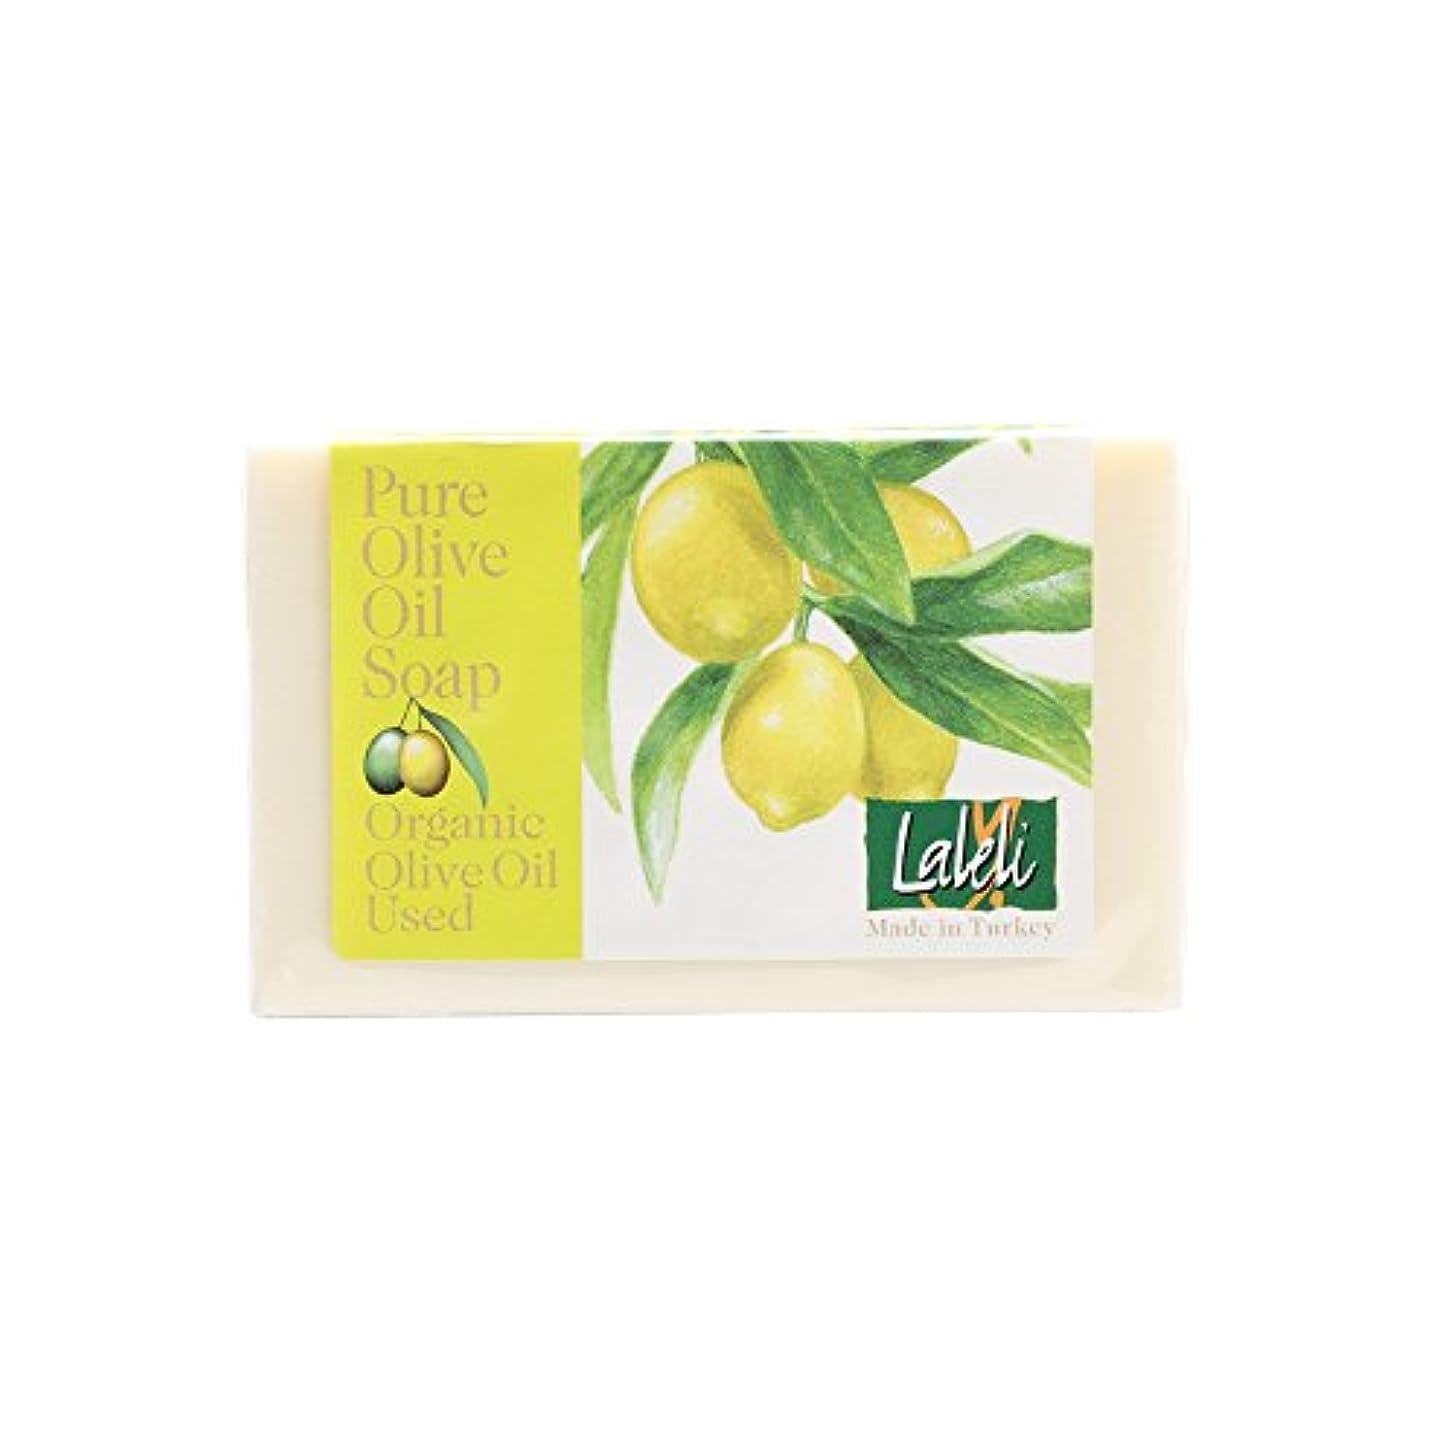 モジュール減らす意志に反するラーレリ オーガニックオリーブオイルソープ レモン 120g